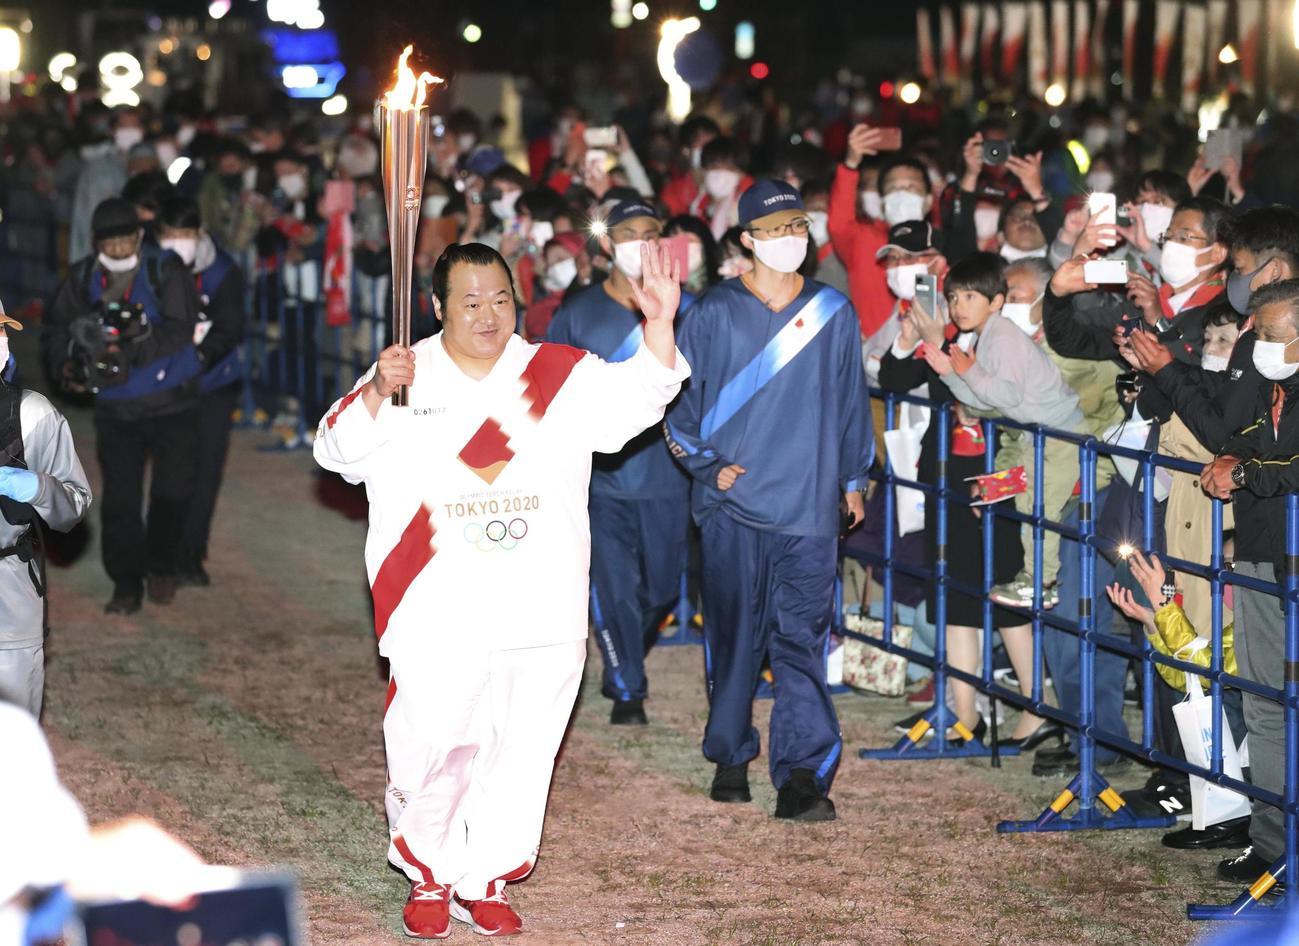 聖火ランナーを務めた大相撲の井筒親方=19日午後、高知県宿毛市(共同)